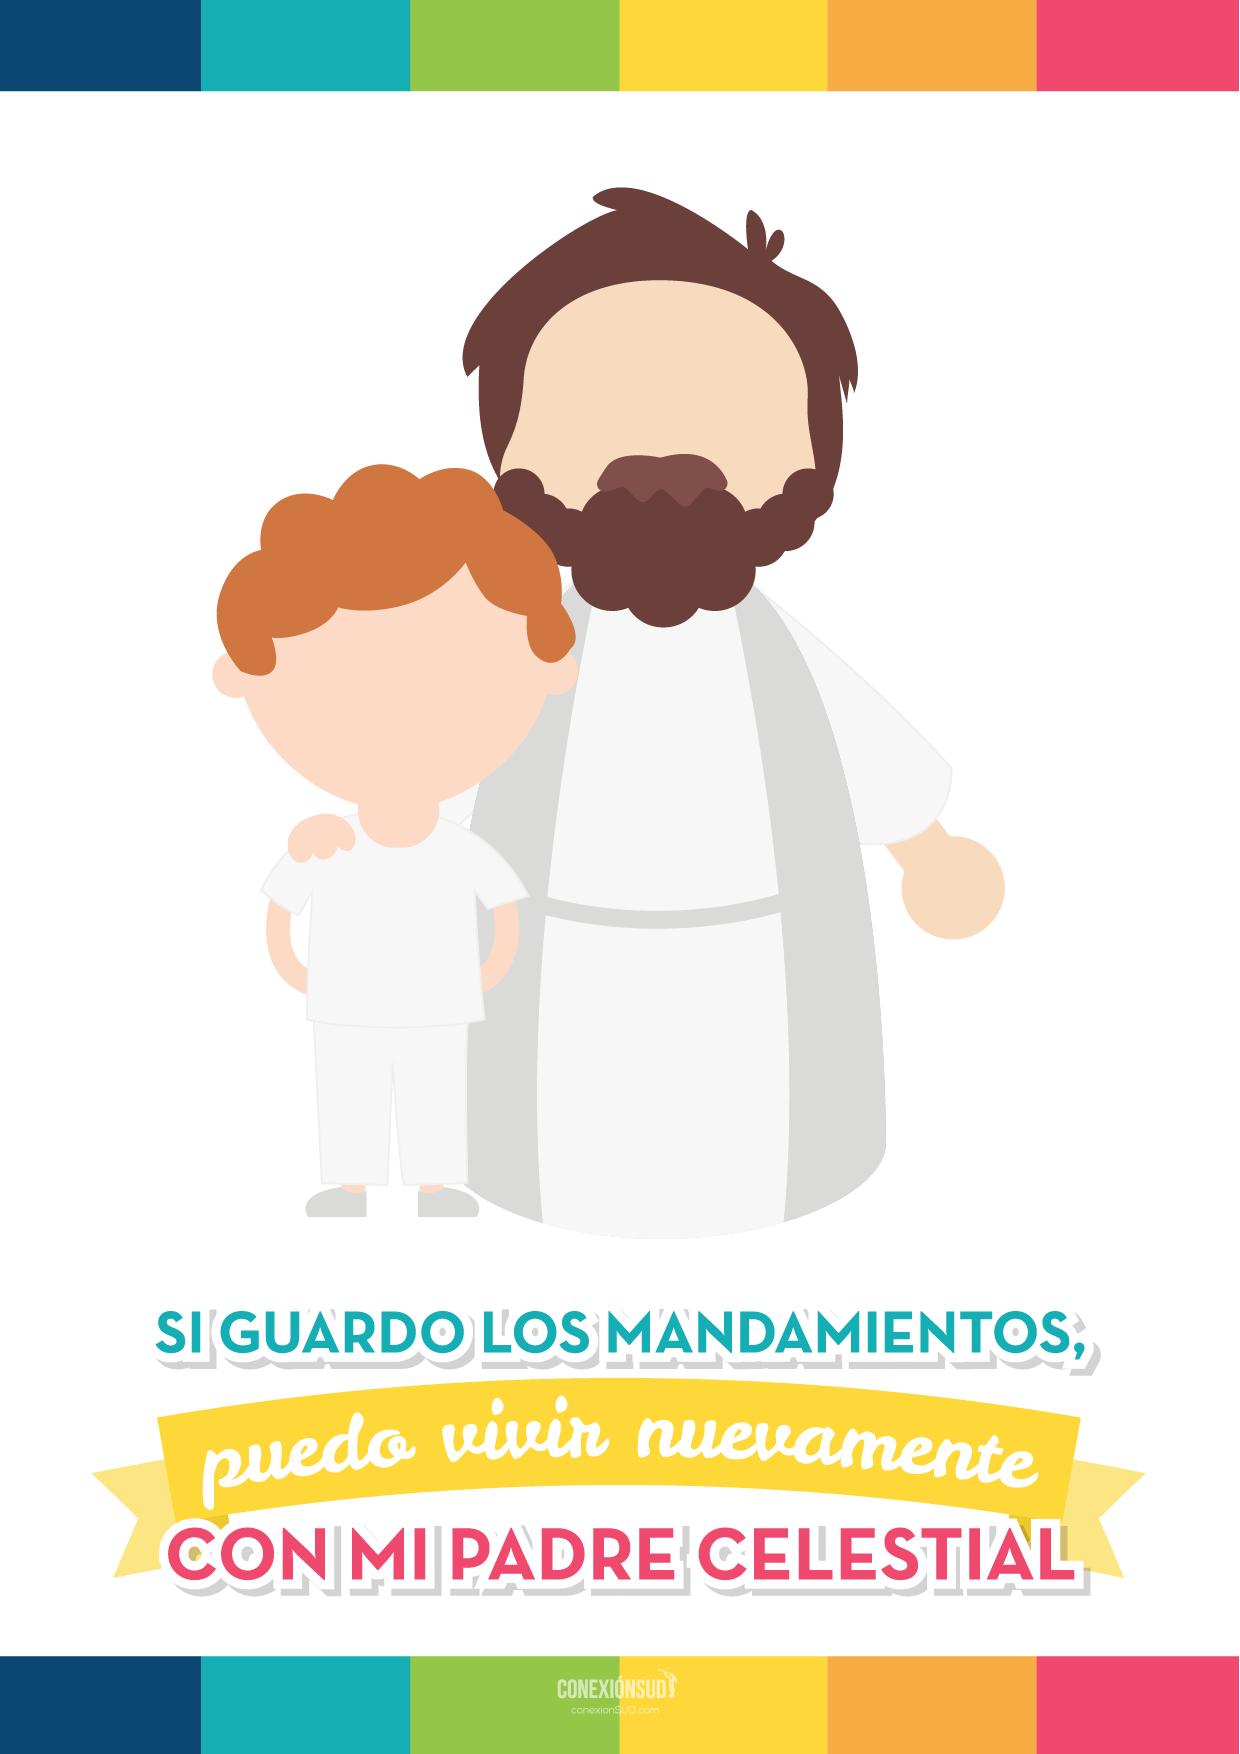 plan de salvacion expiacion mandamientos arrepentimiento_ConexionSUD-04_ConexionSUD-03